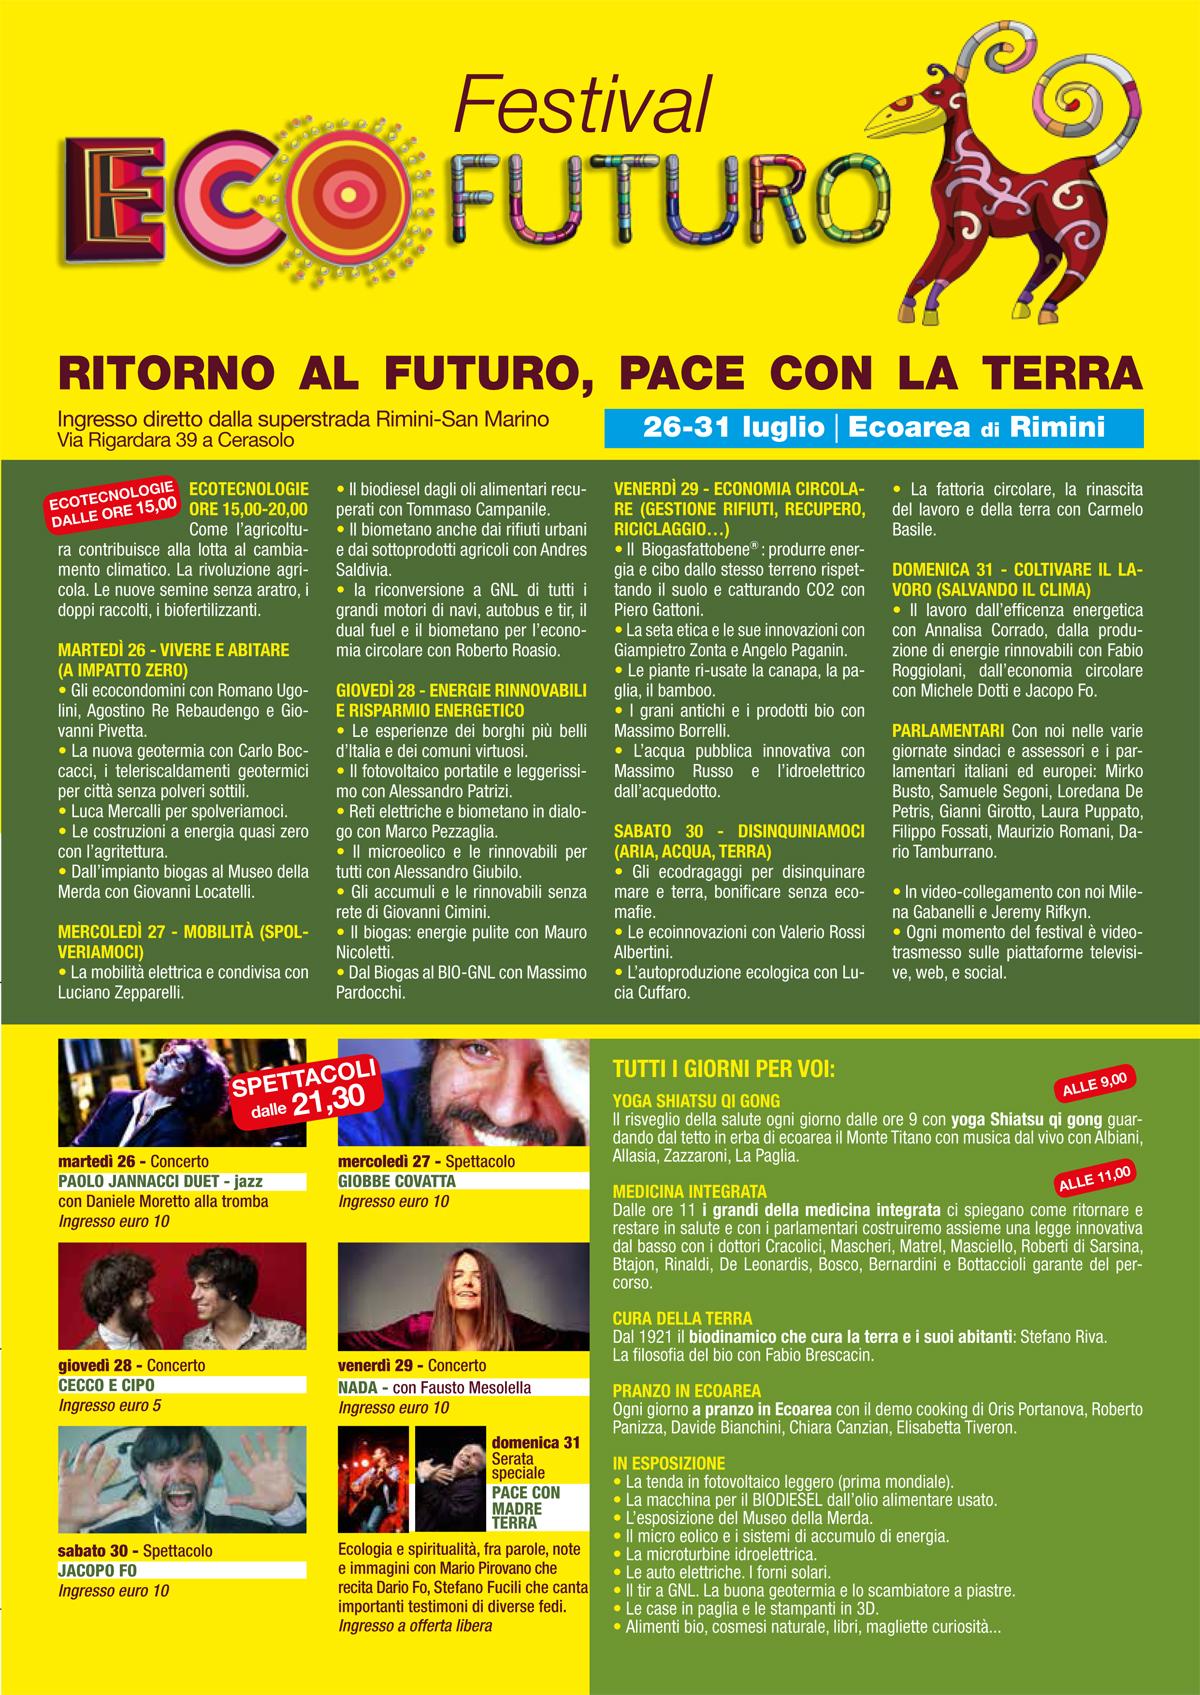 ecofuturo 2016 Rimini